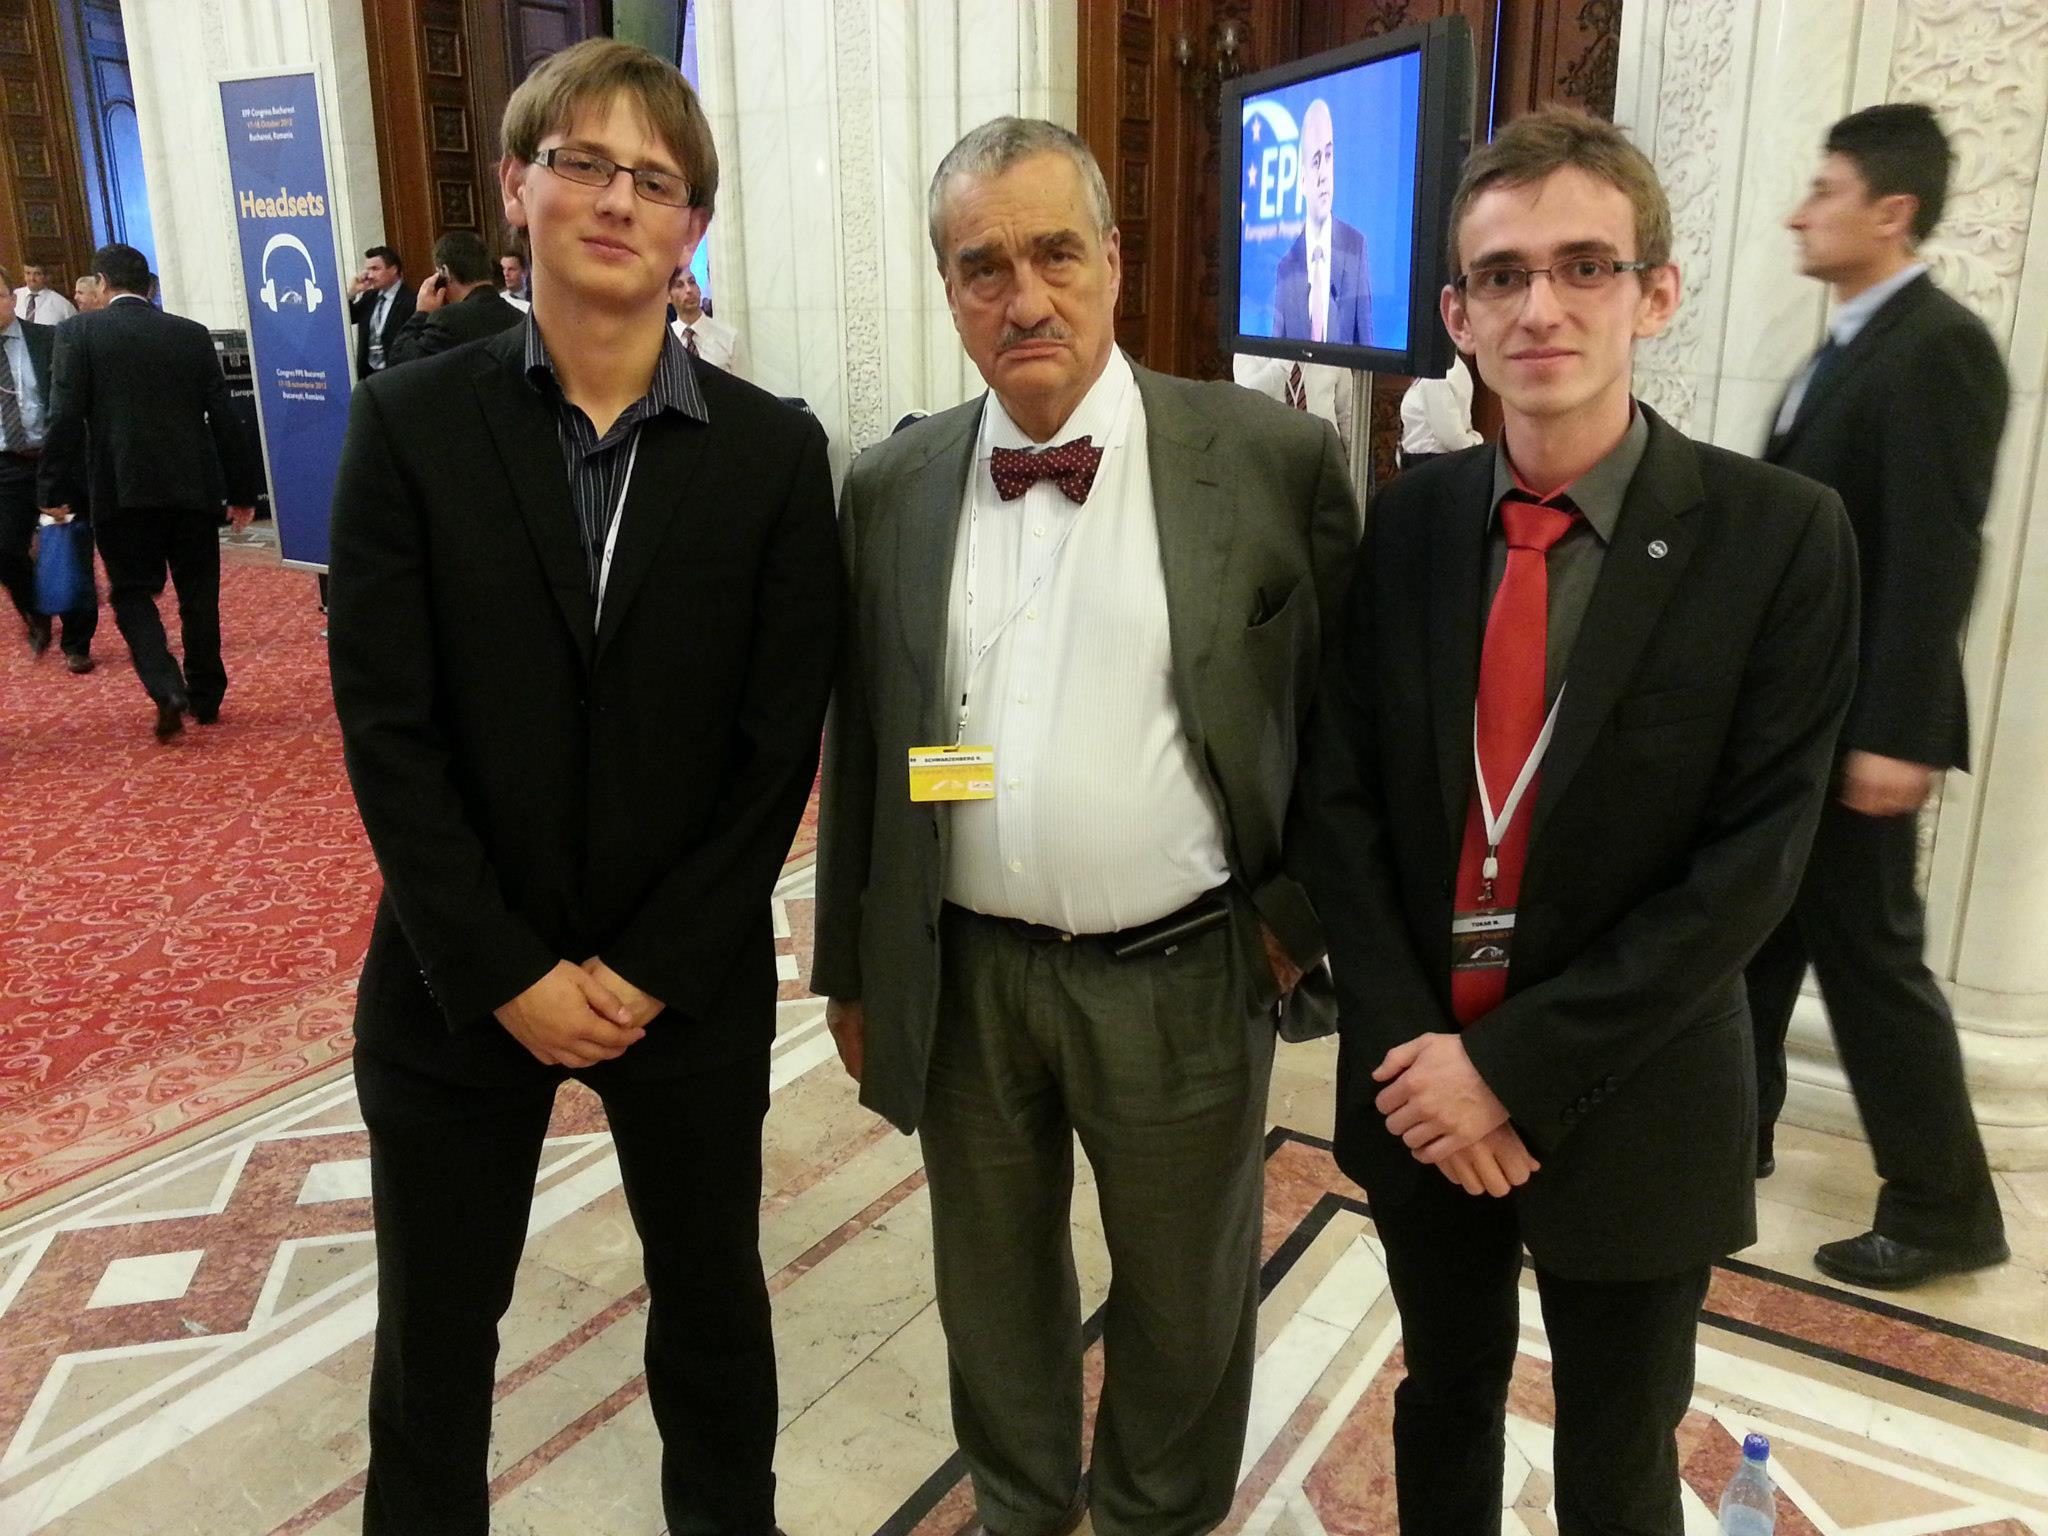 Dobrovoľníci na Kongrese EPP v Bukurešti a knieža Karel Schwarzenberg